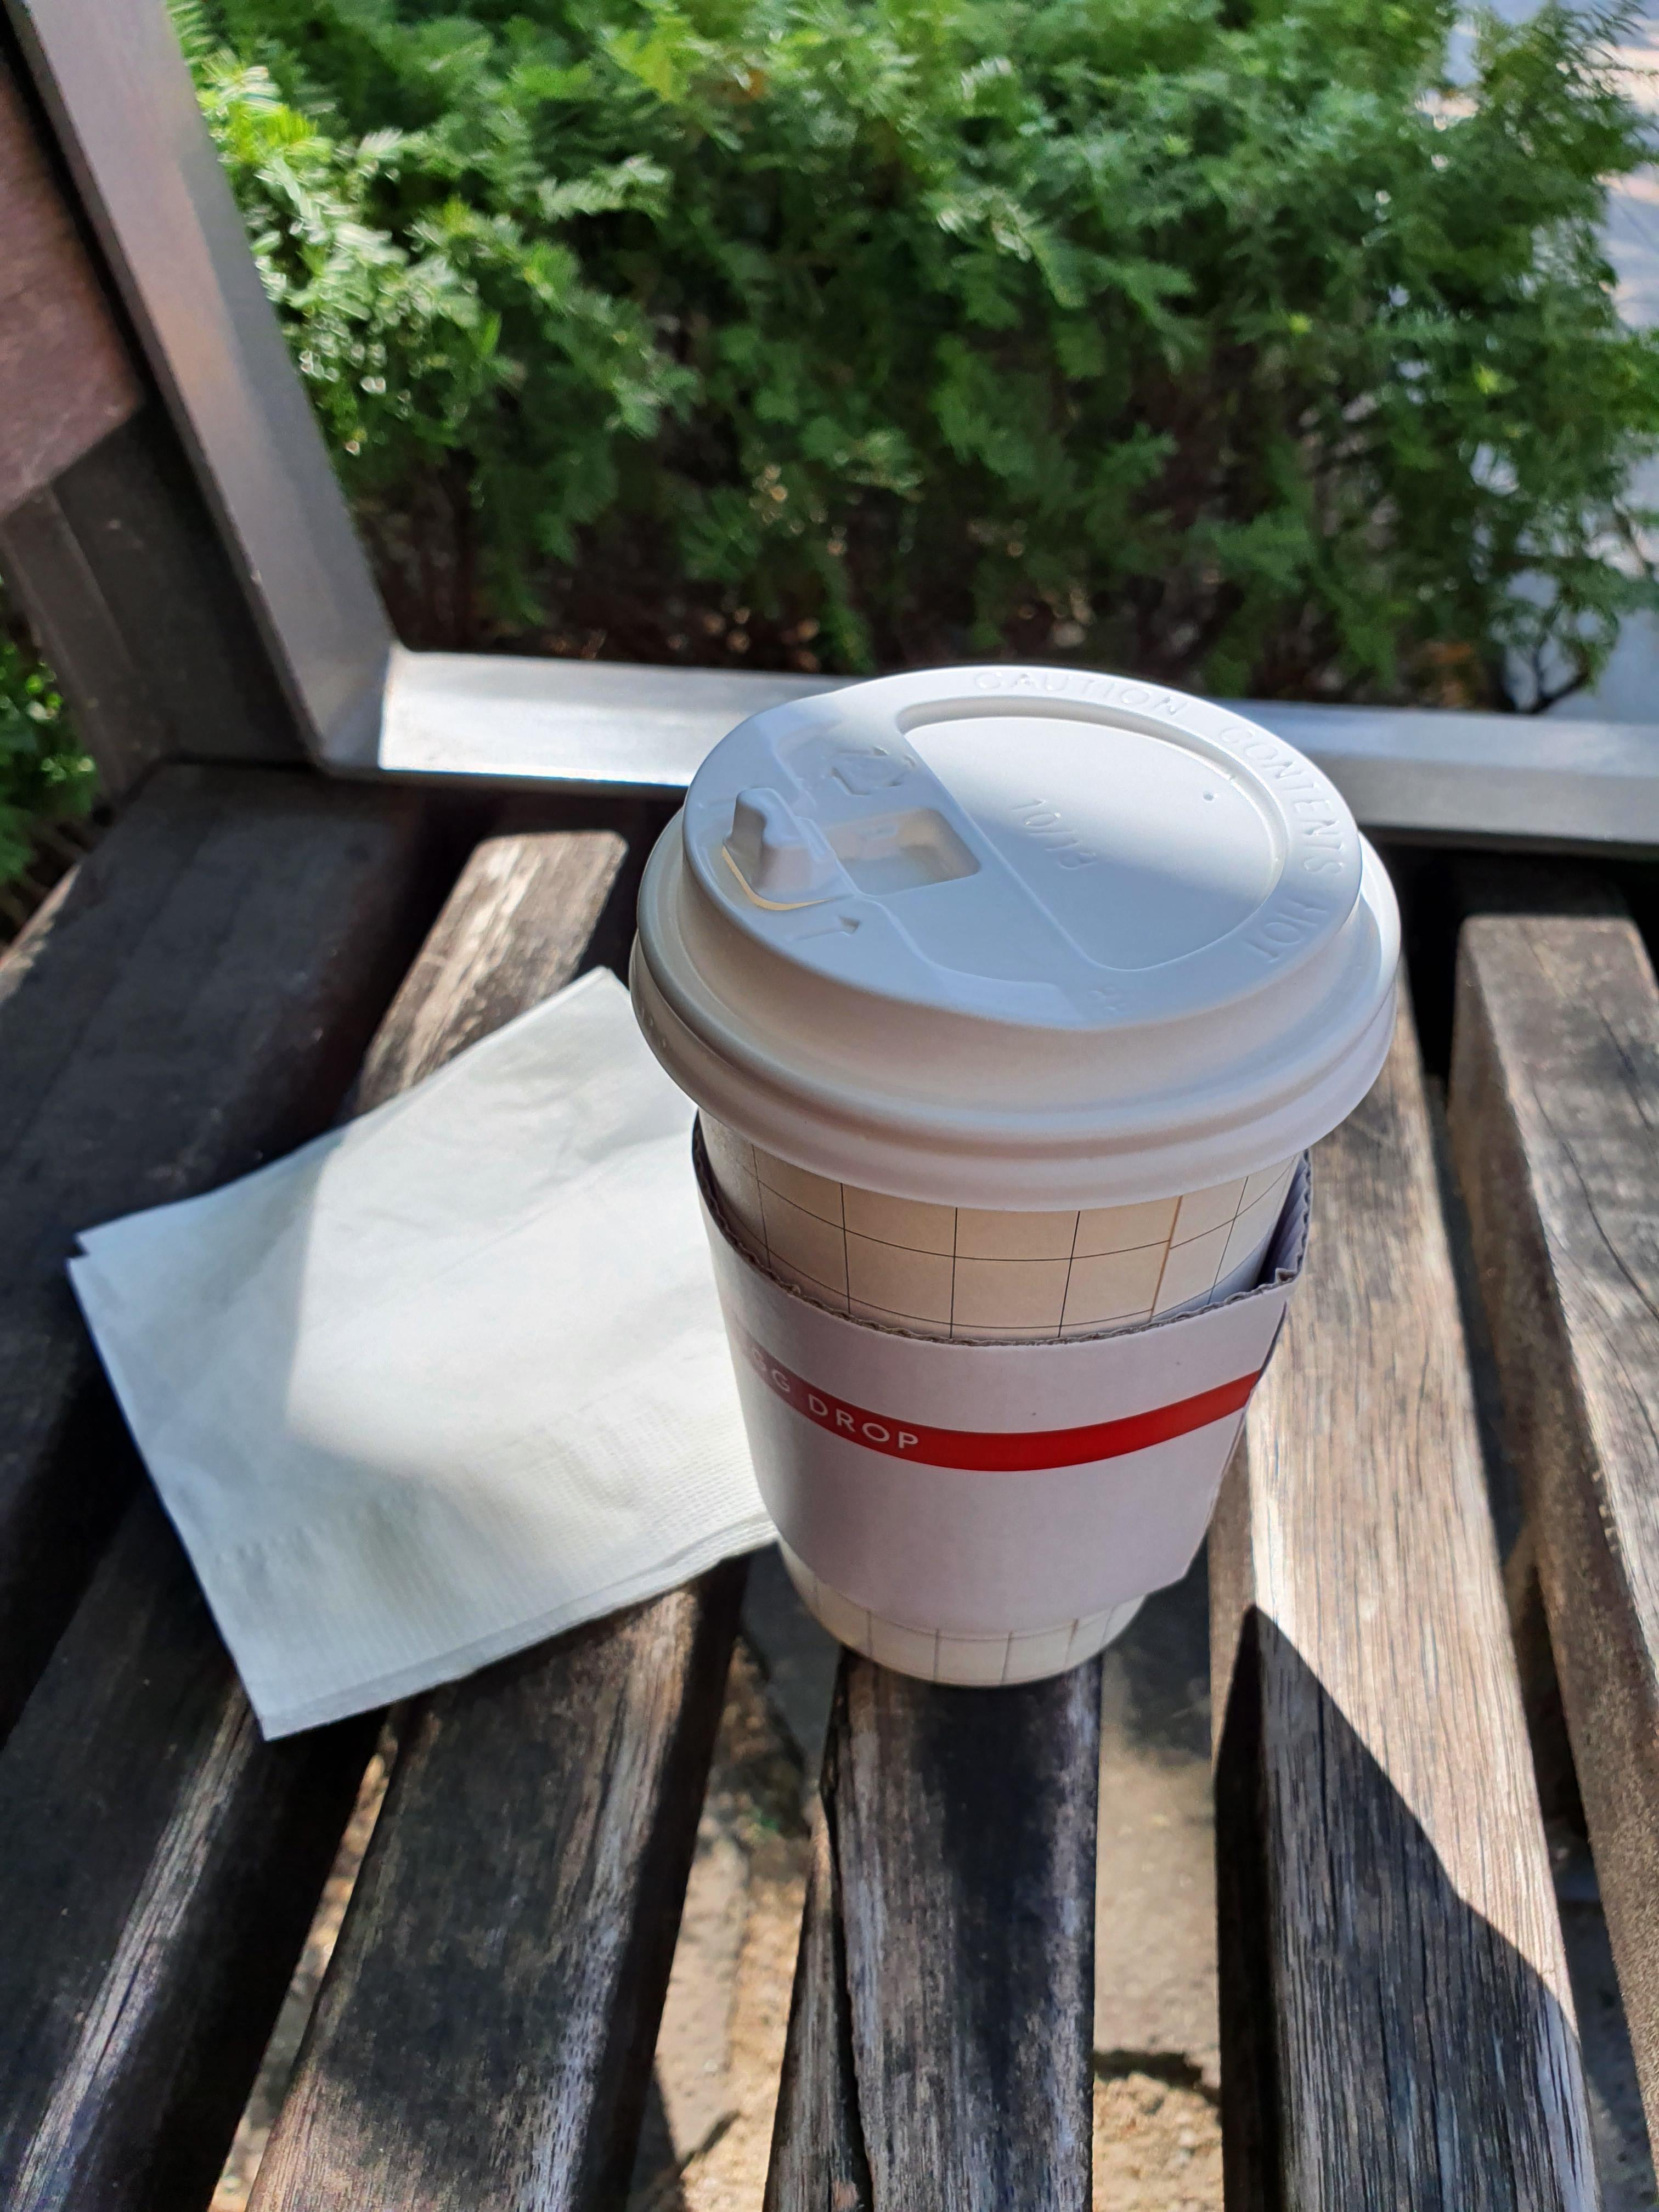 900원짜리 커피